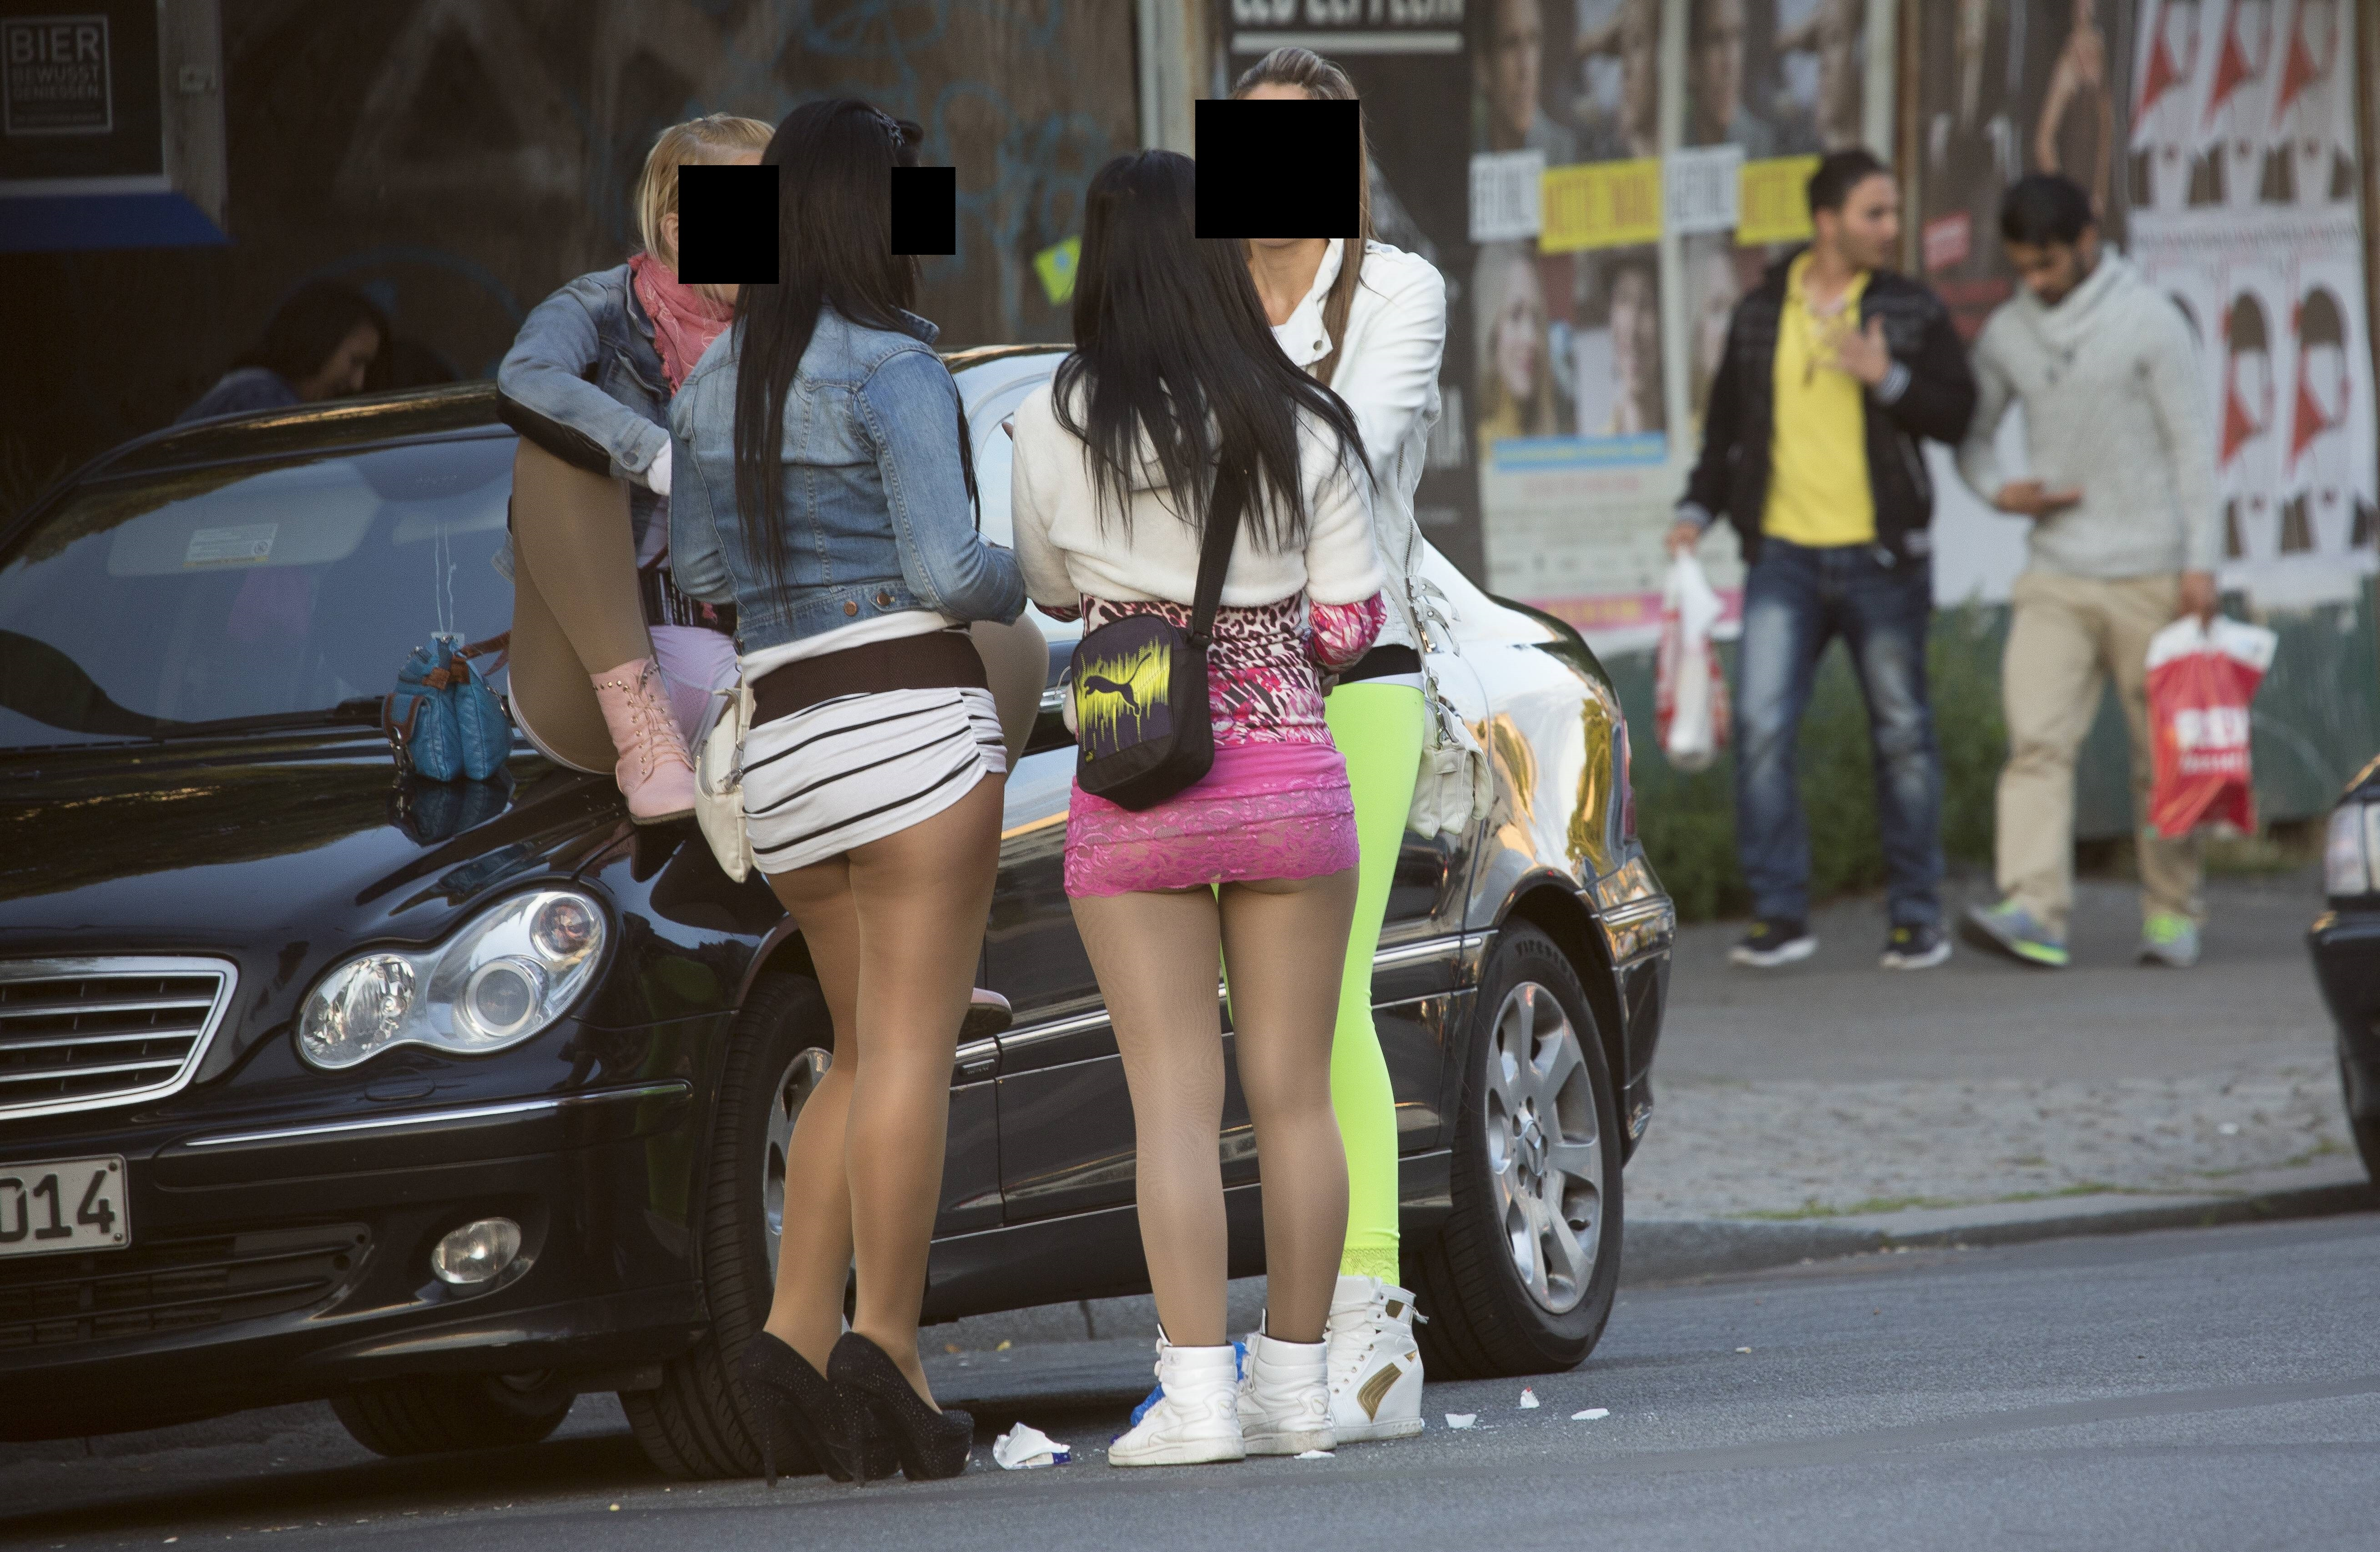 Straßenstrich deutscher Corona: Prostituierte